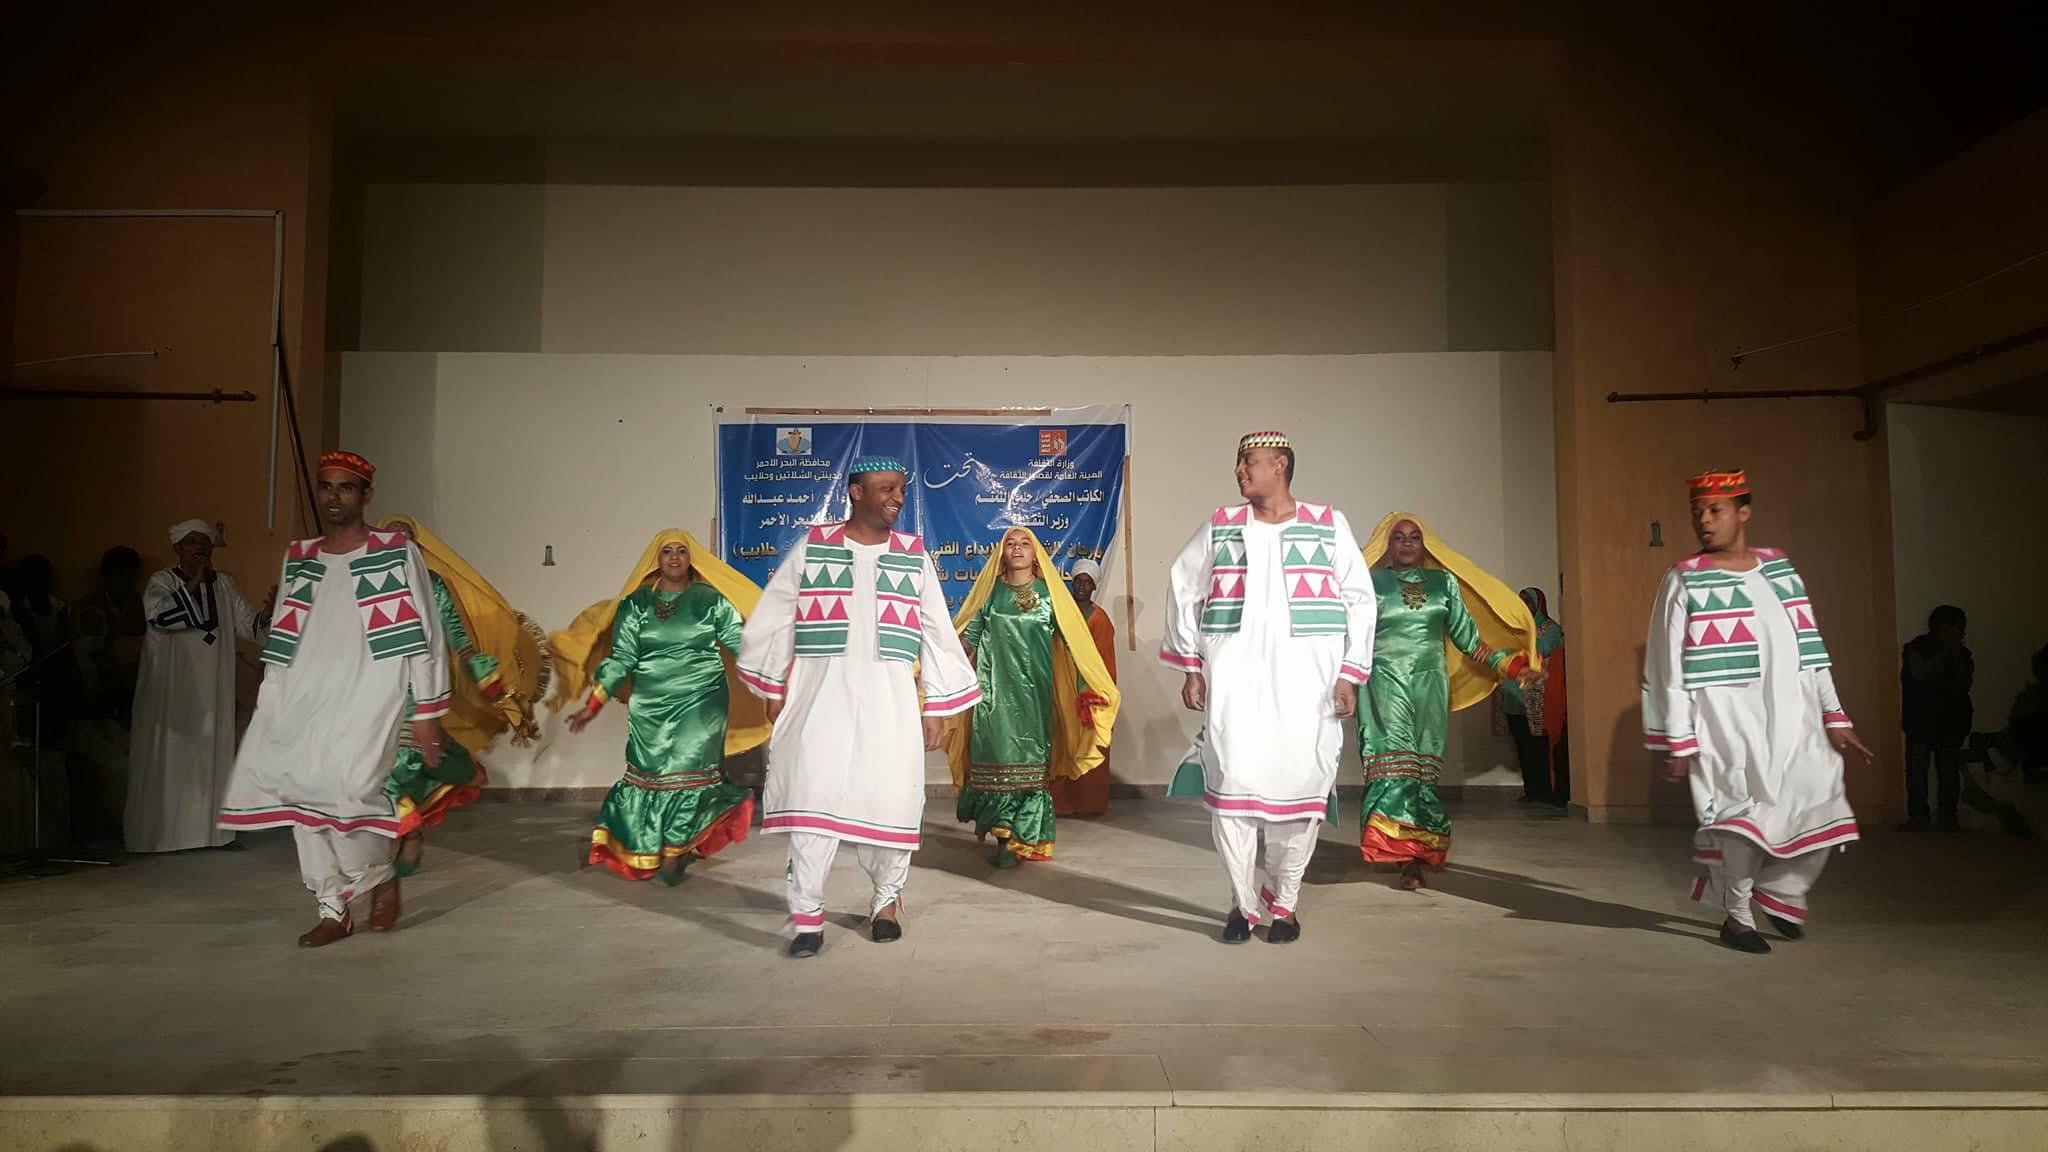 فرقة أسوان للفنون الشعبية تختتم عروضها الفنية بمهرجان الشلاتين للإبداع الفنى (8)